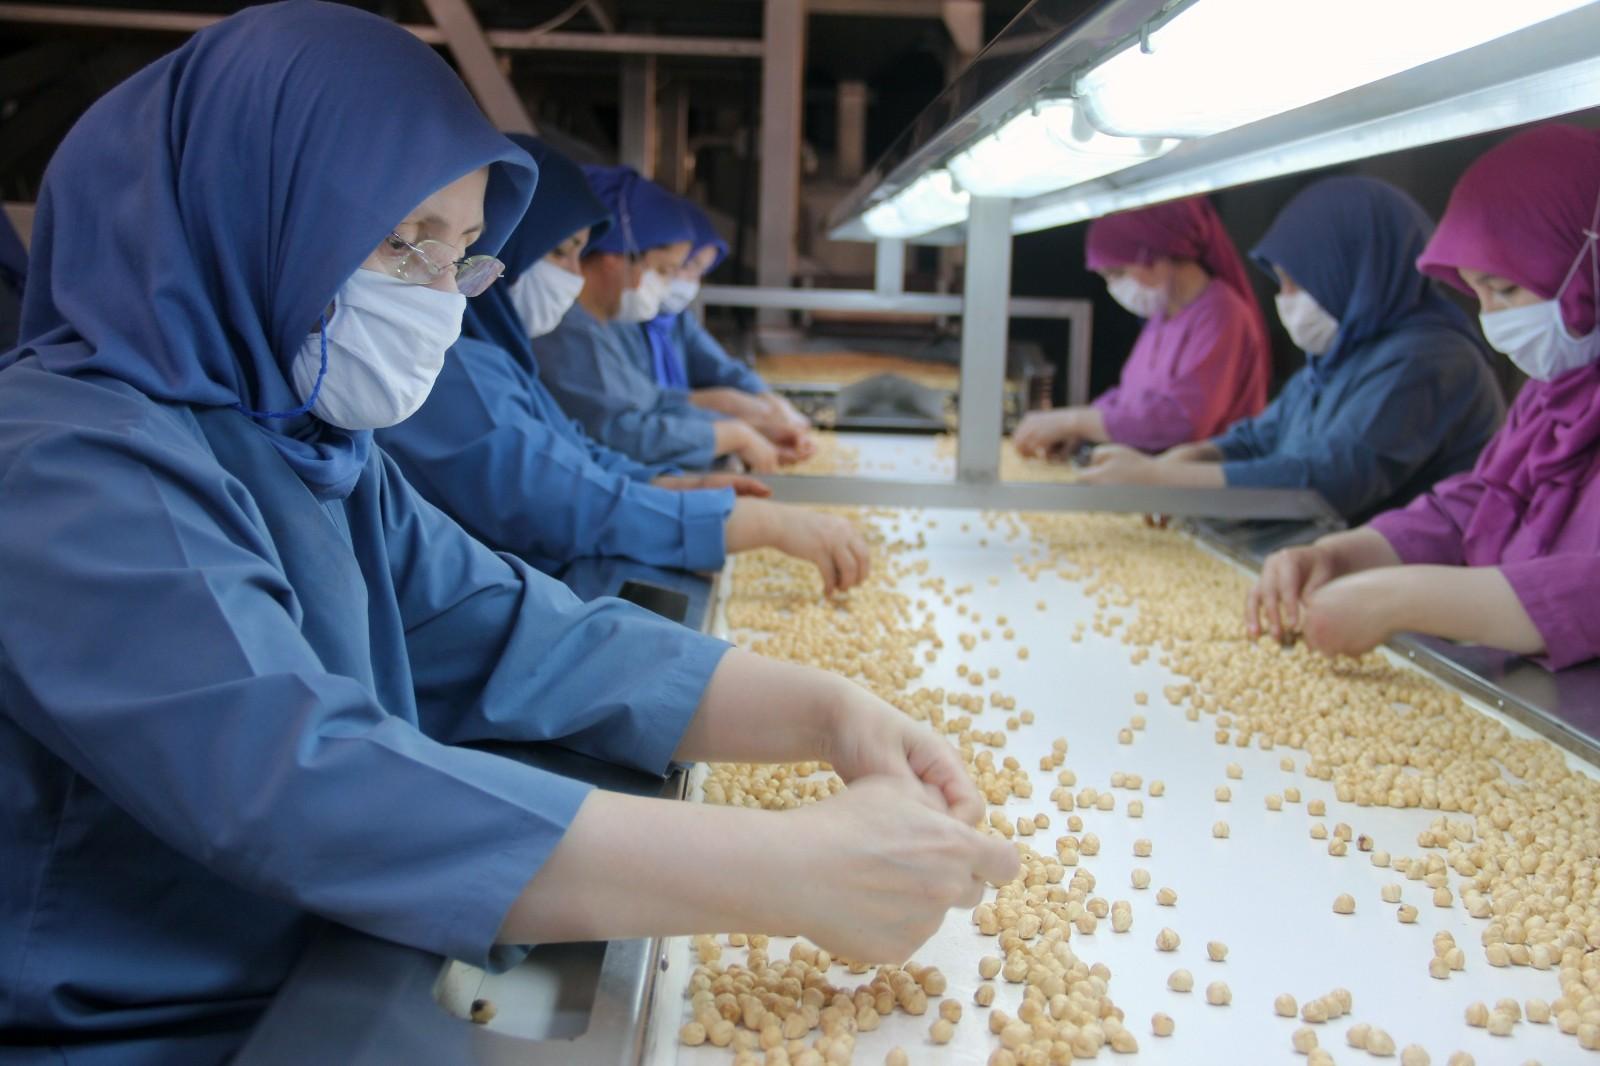 FİSKOBİRLİK, pandemiye rağmen ihracatta hız kesmedi